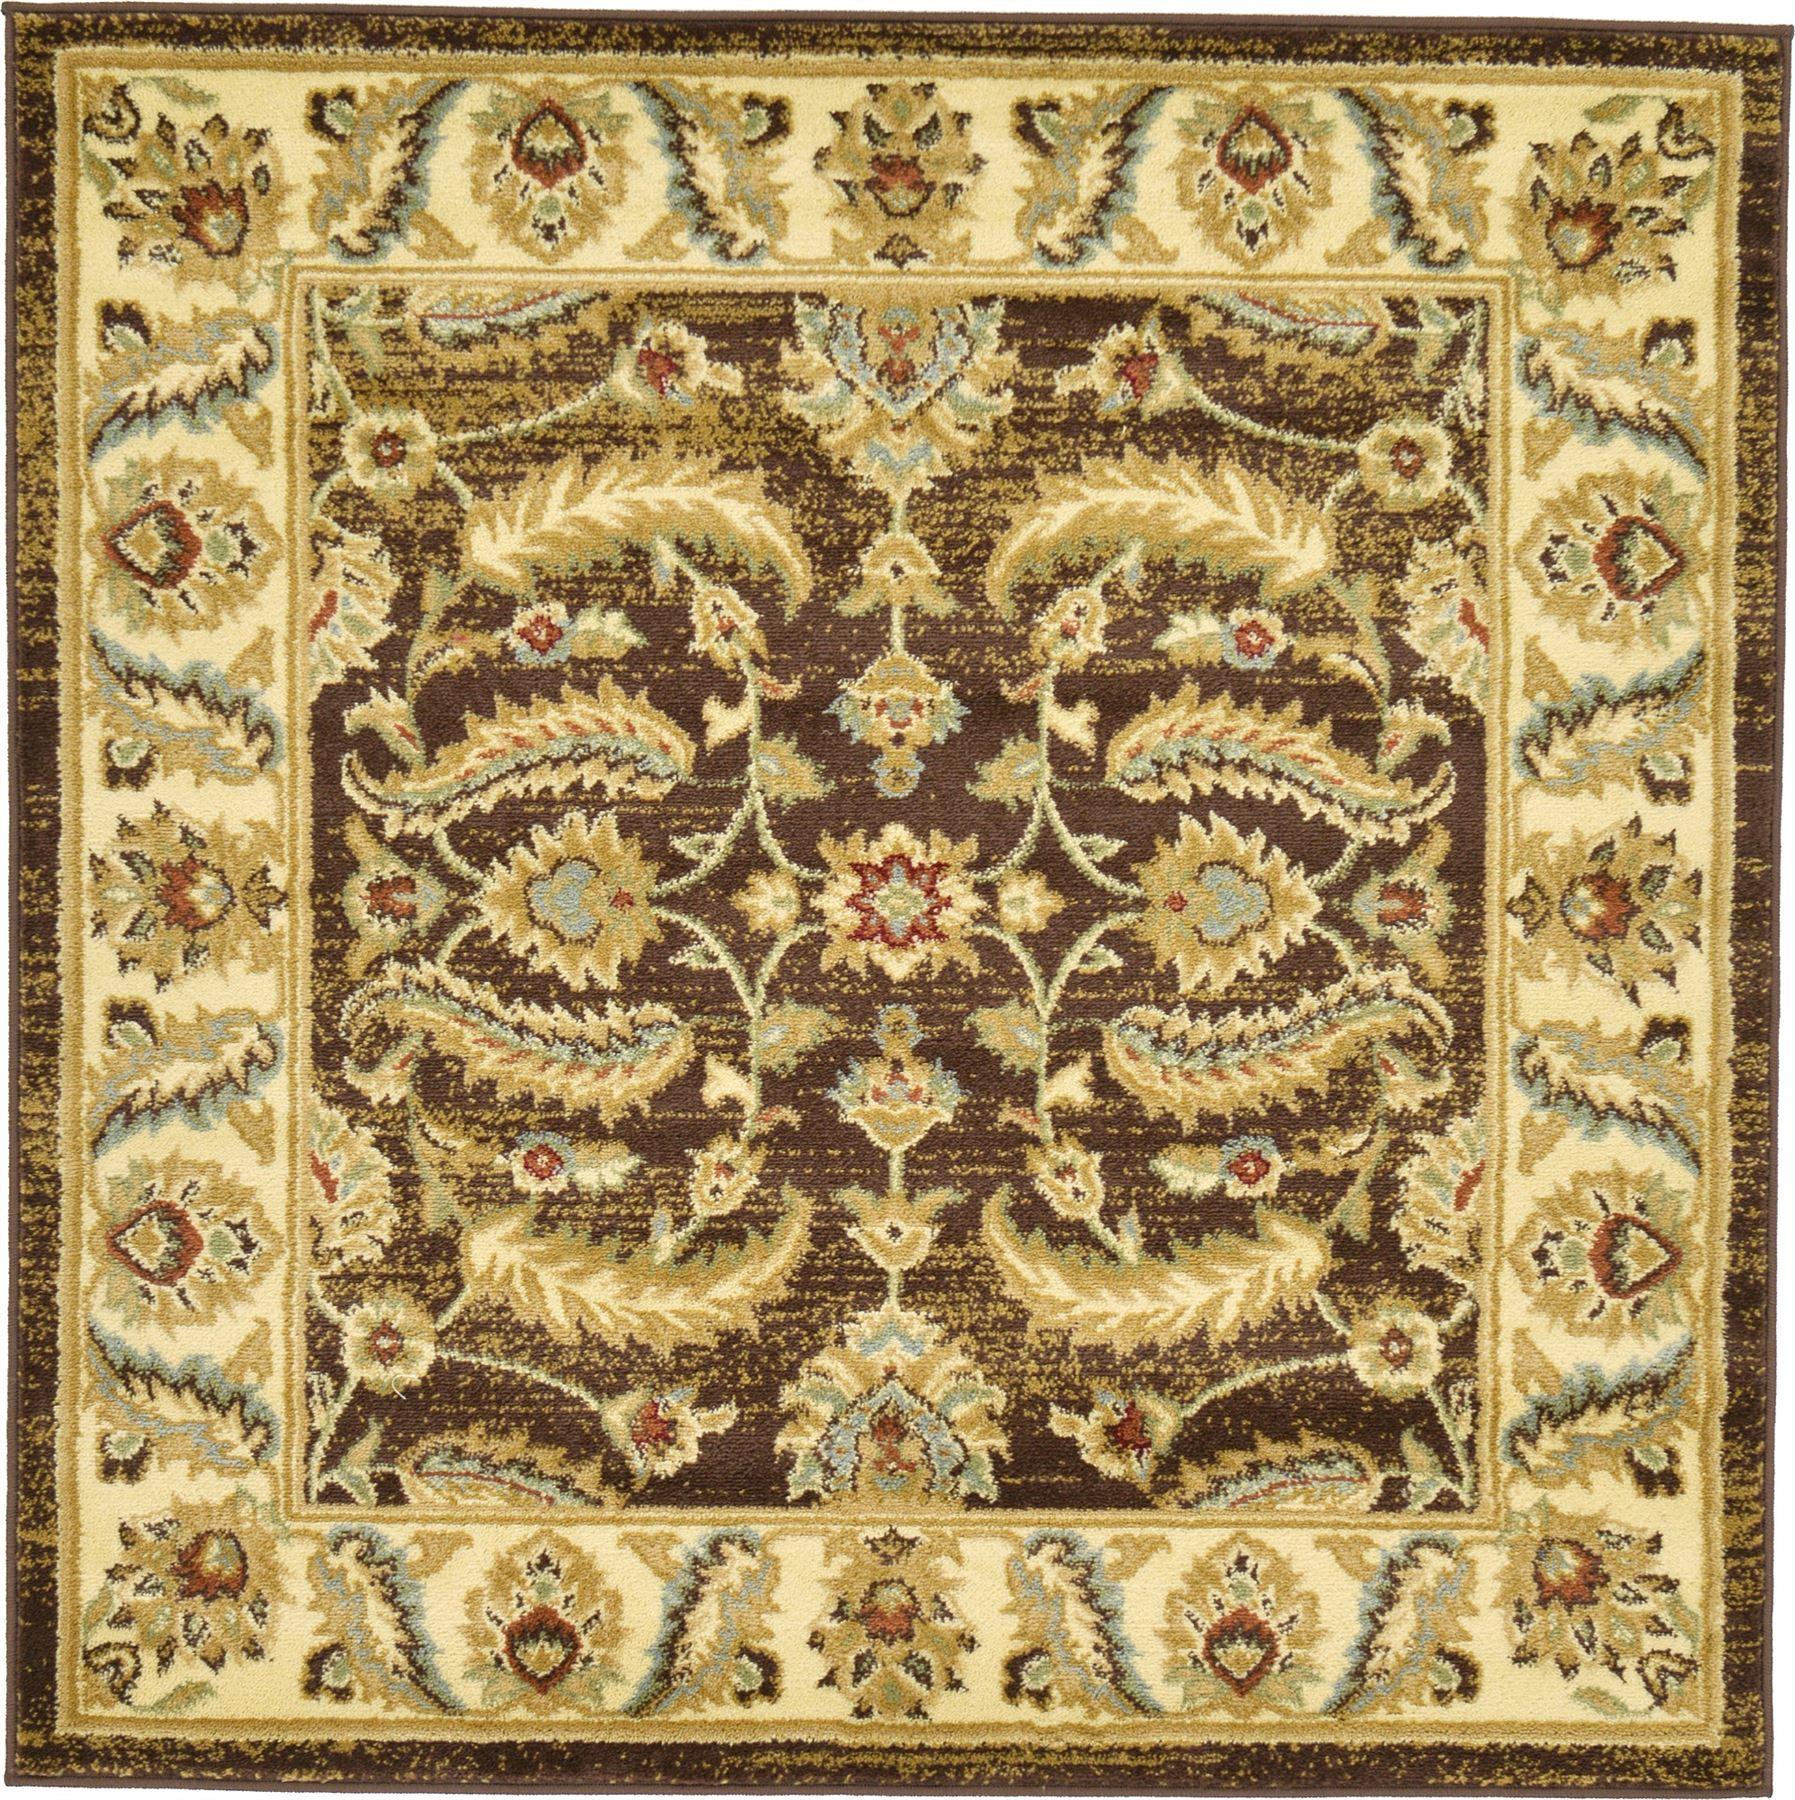 Persian Carpet Designs Unique Home Design